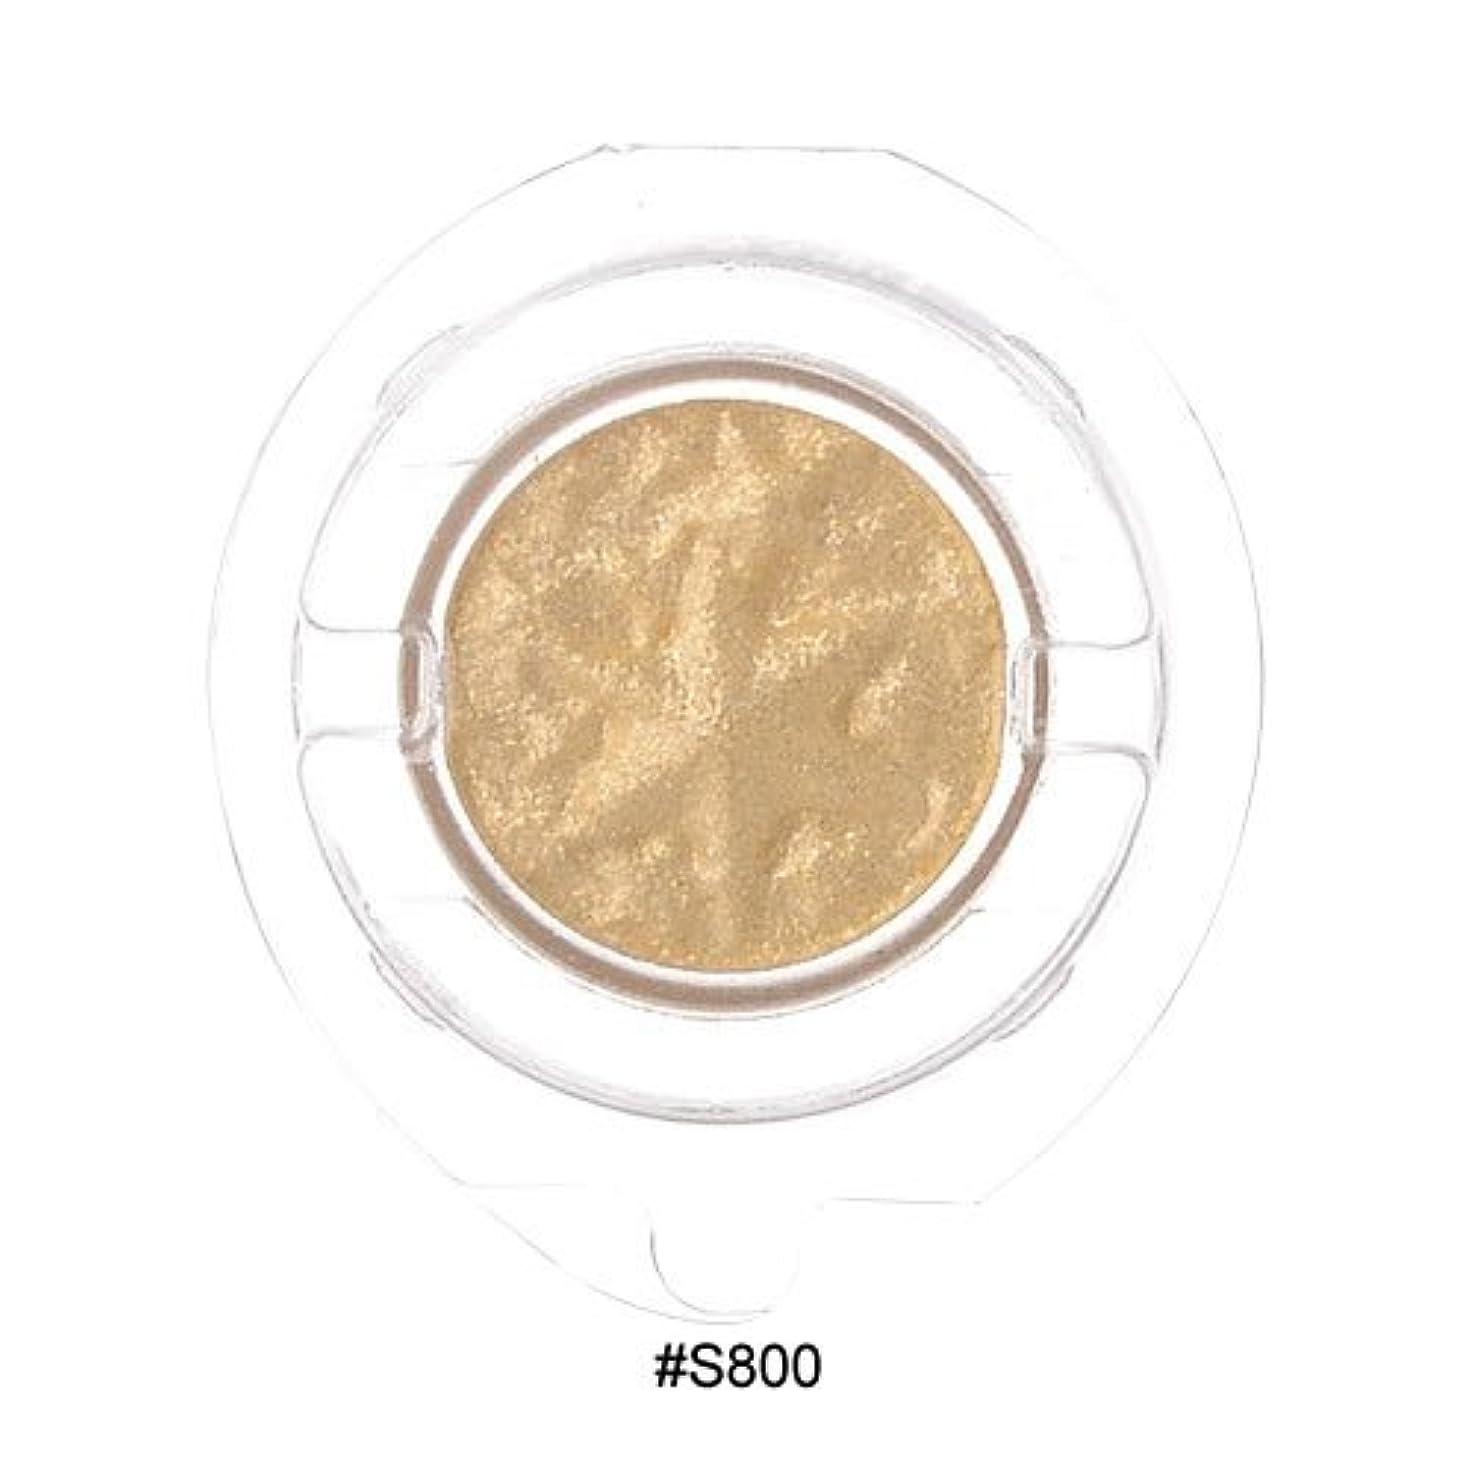 アイ&フェイスカラー S #800 1.6g 【アナスイ】